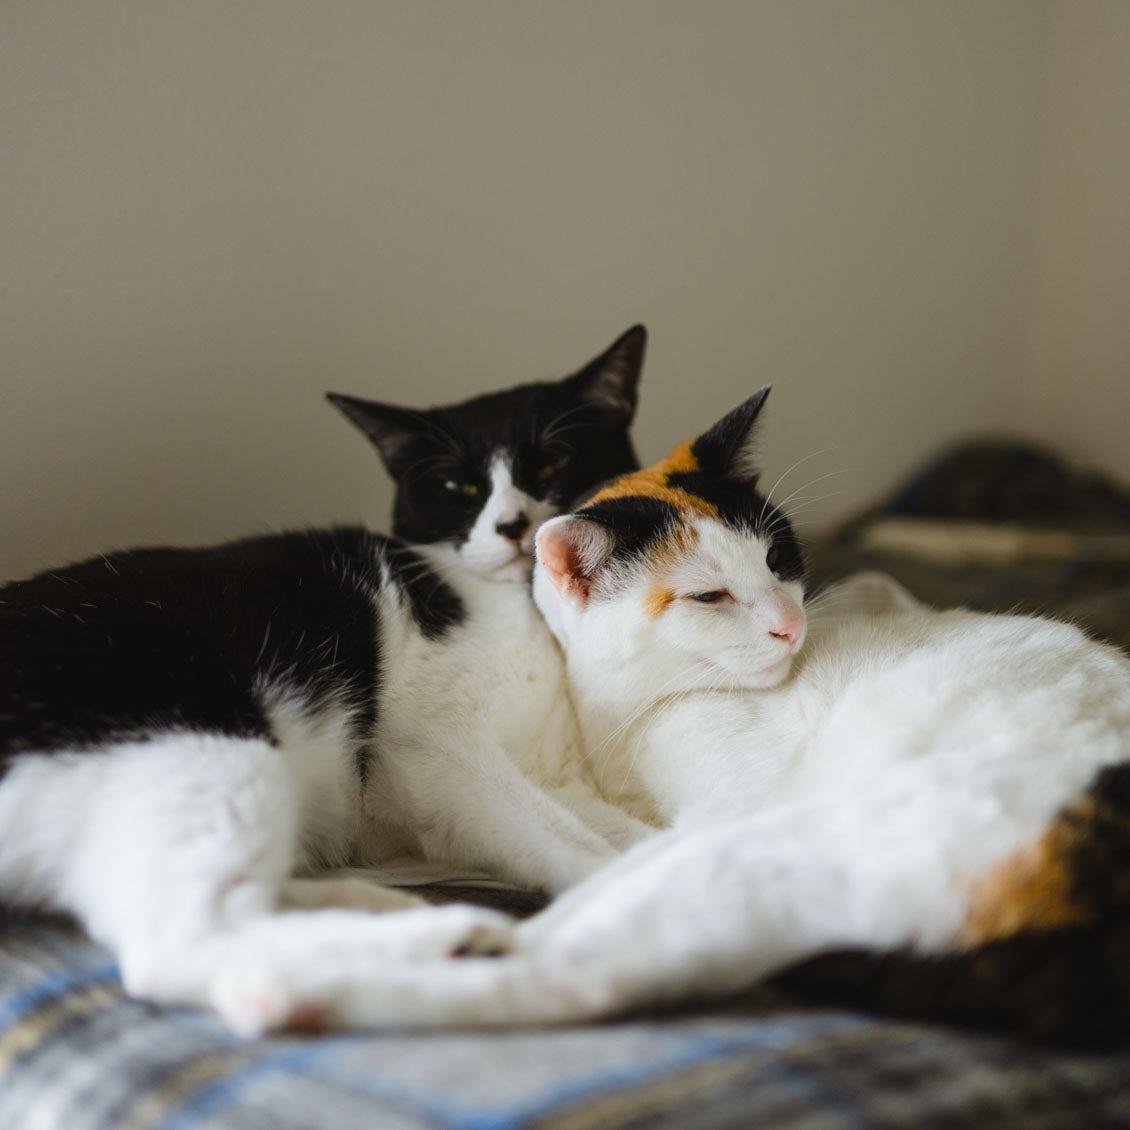 【うちのイヌ、うちのネコ】猫との暮らしで気づいた、コミュニケーションの新しい視点